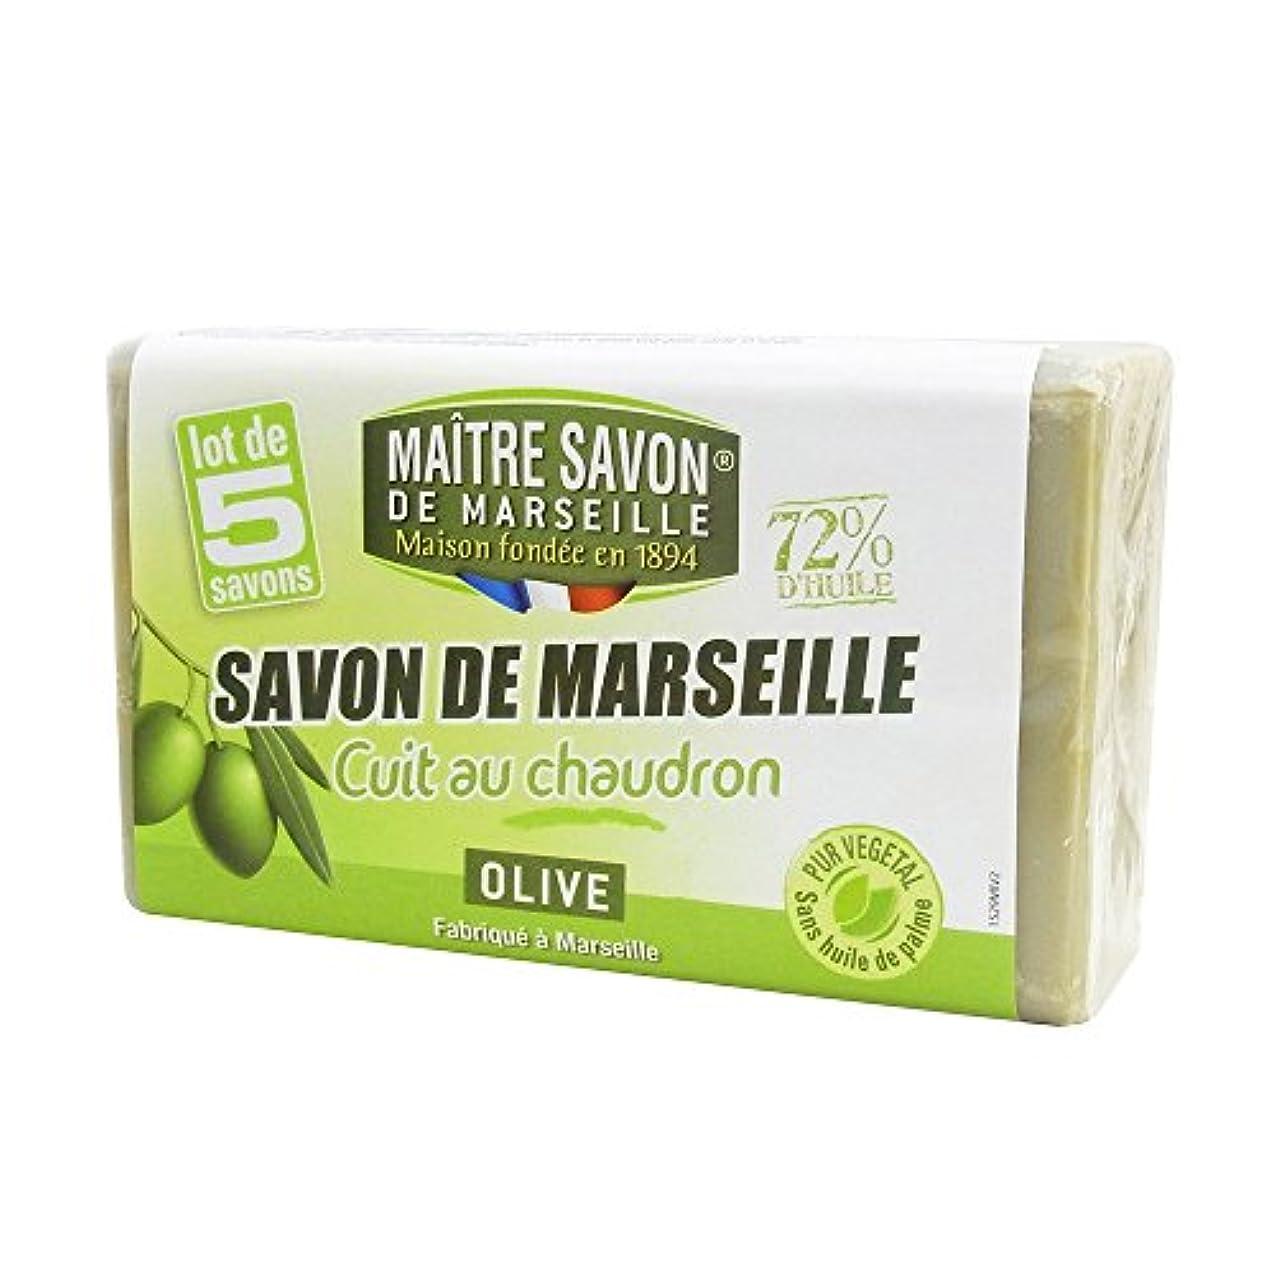 支店隔離果てしないMaitre Savon de Marseille(メートル?サボン?ド?マルセイユ) サボン?ド?マルセイユ オリーブ 100g×5個